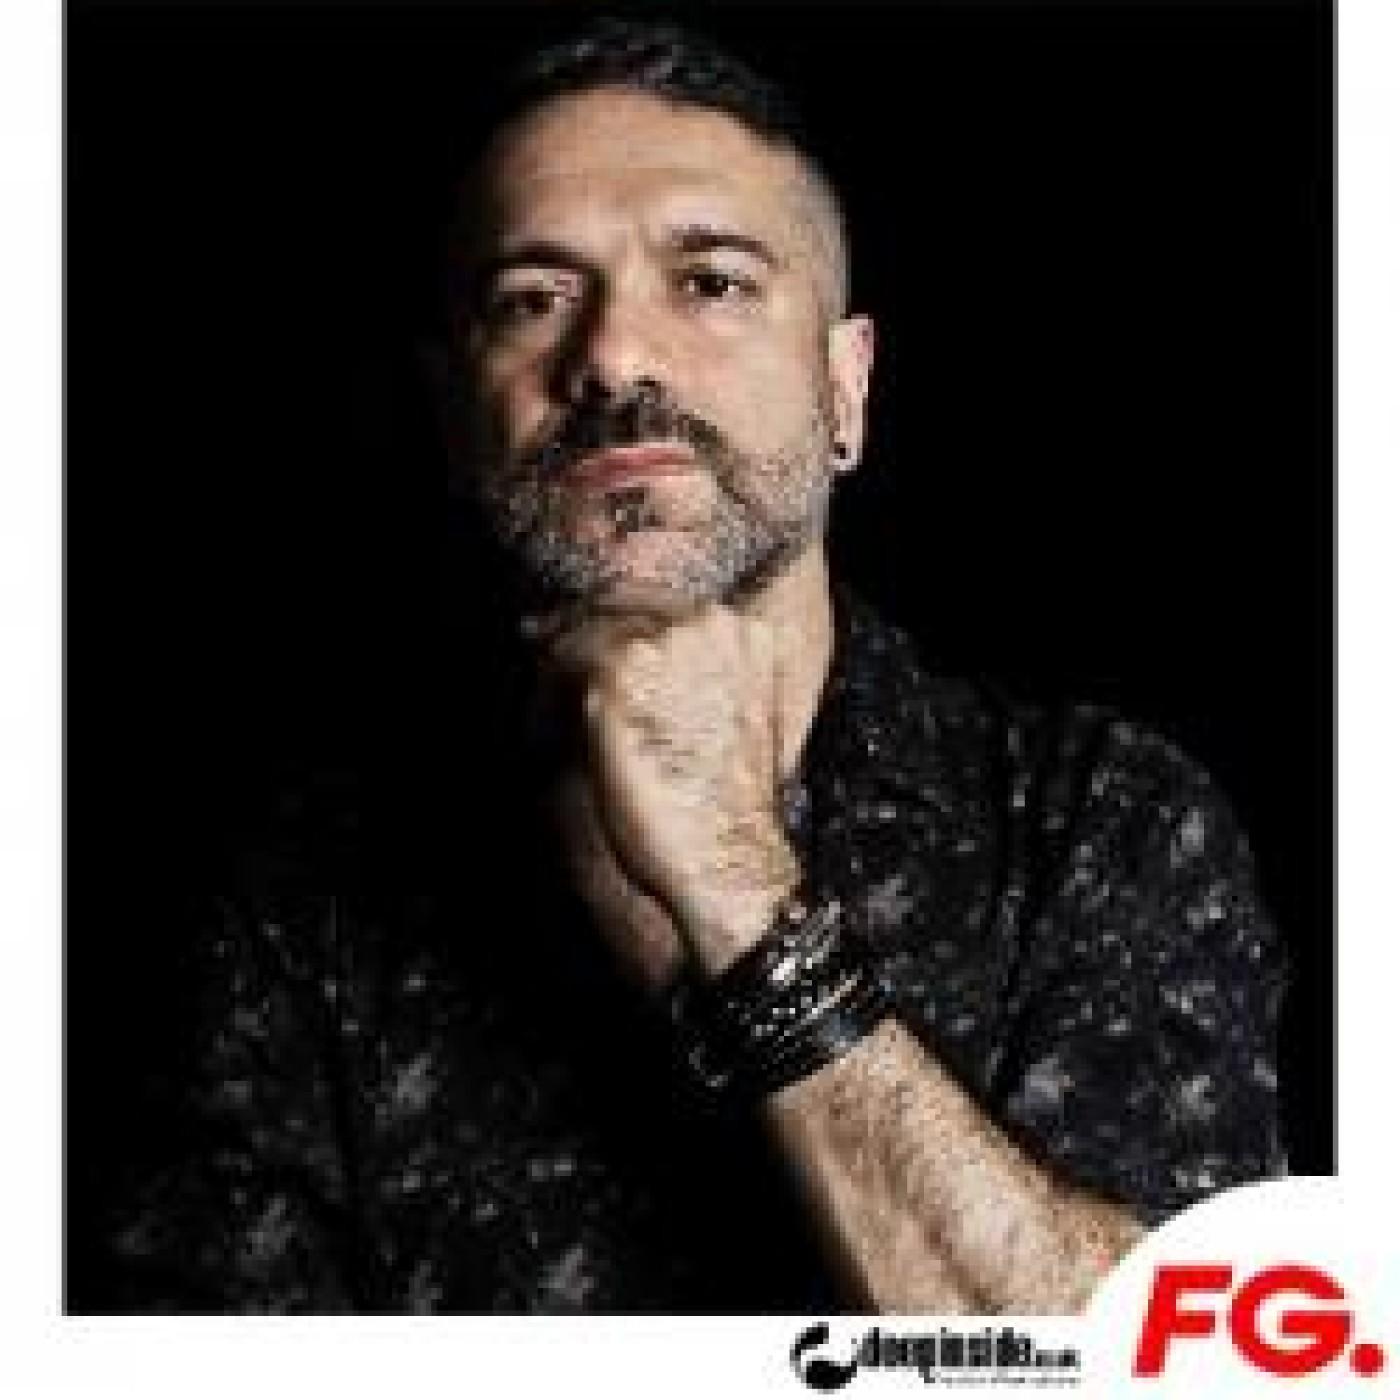 CLUB FG : DJ MEME